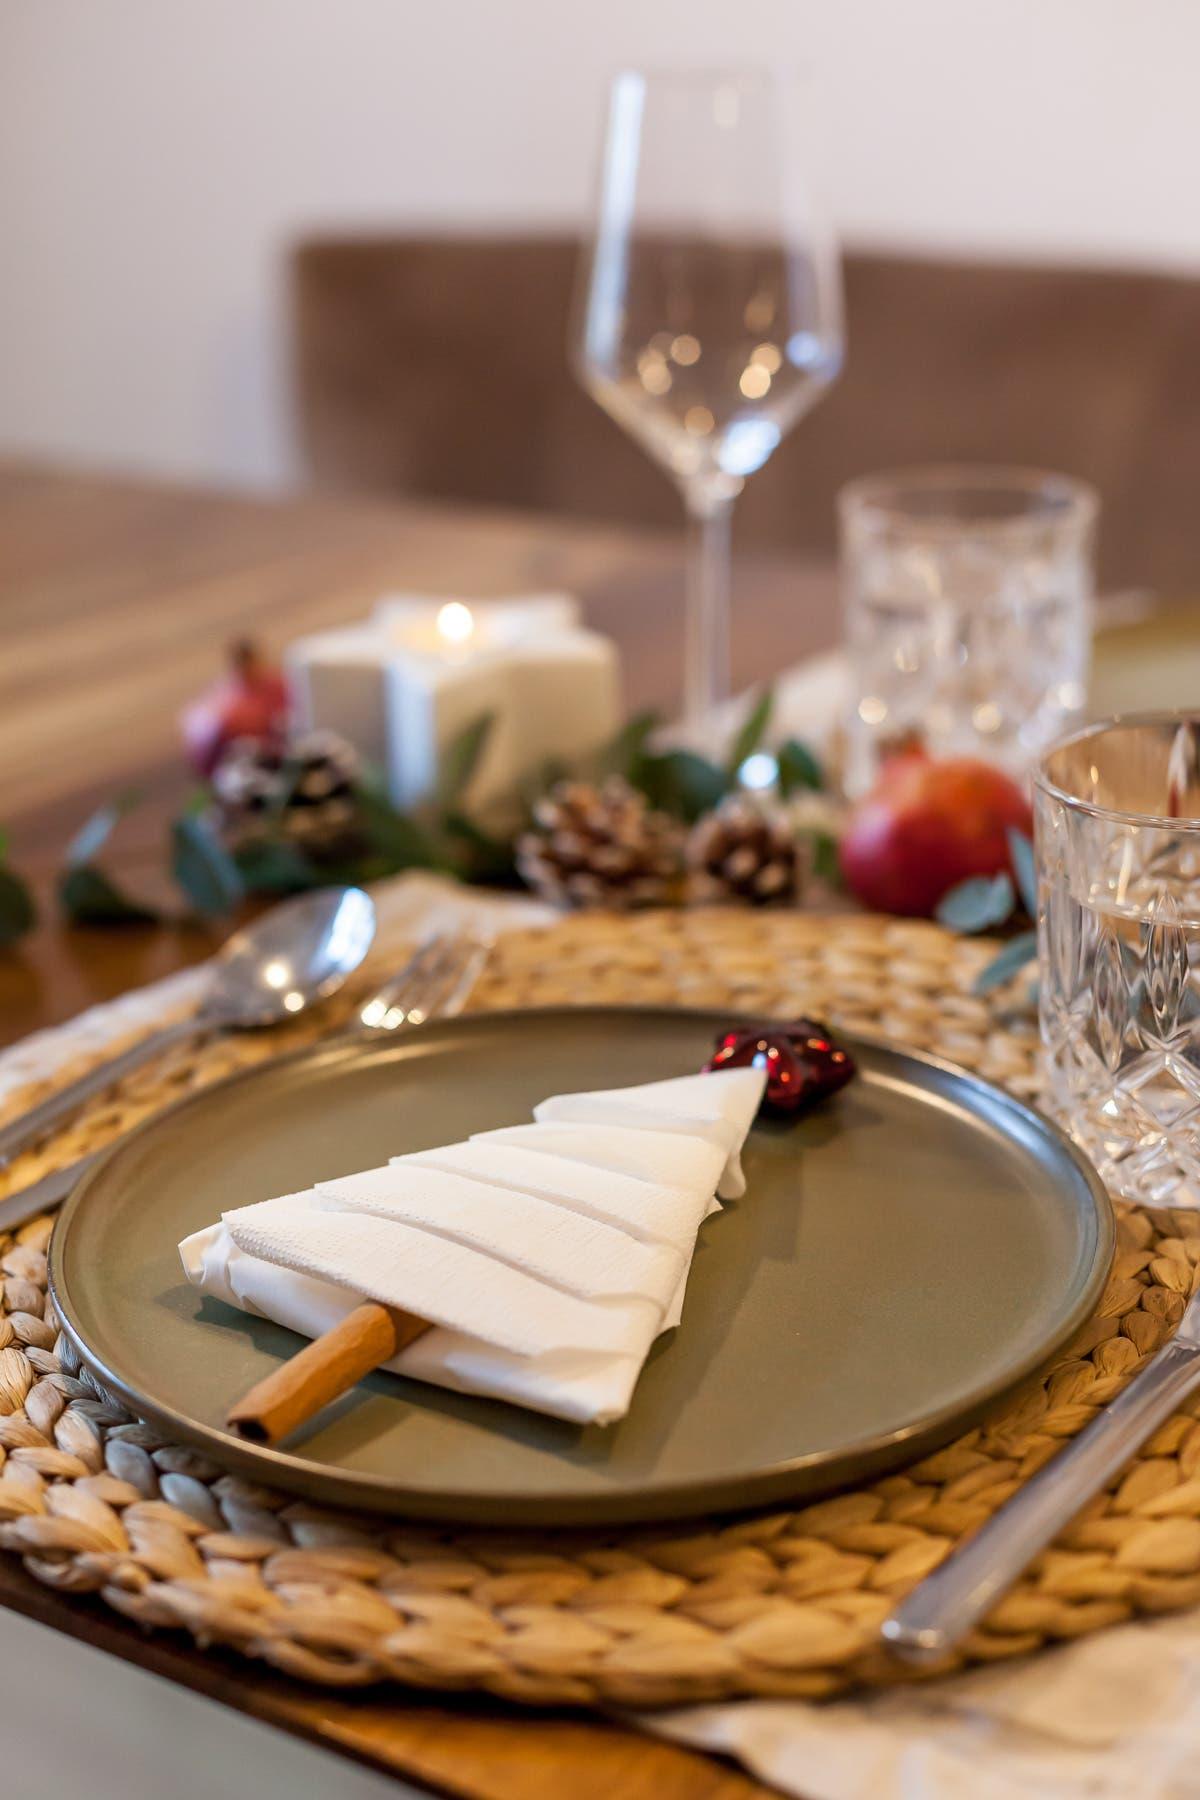 Vegetarisches Weihnachtsmenü mit weihnachtlich dekoriertem Teller mit einem Tannenbaum aus Servietten und Zimt. Im Hintergrund Weihnachtsdekoration und Gläser.